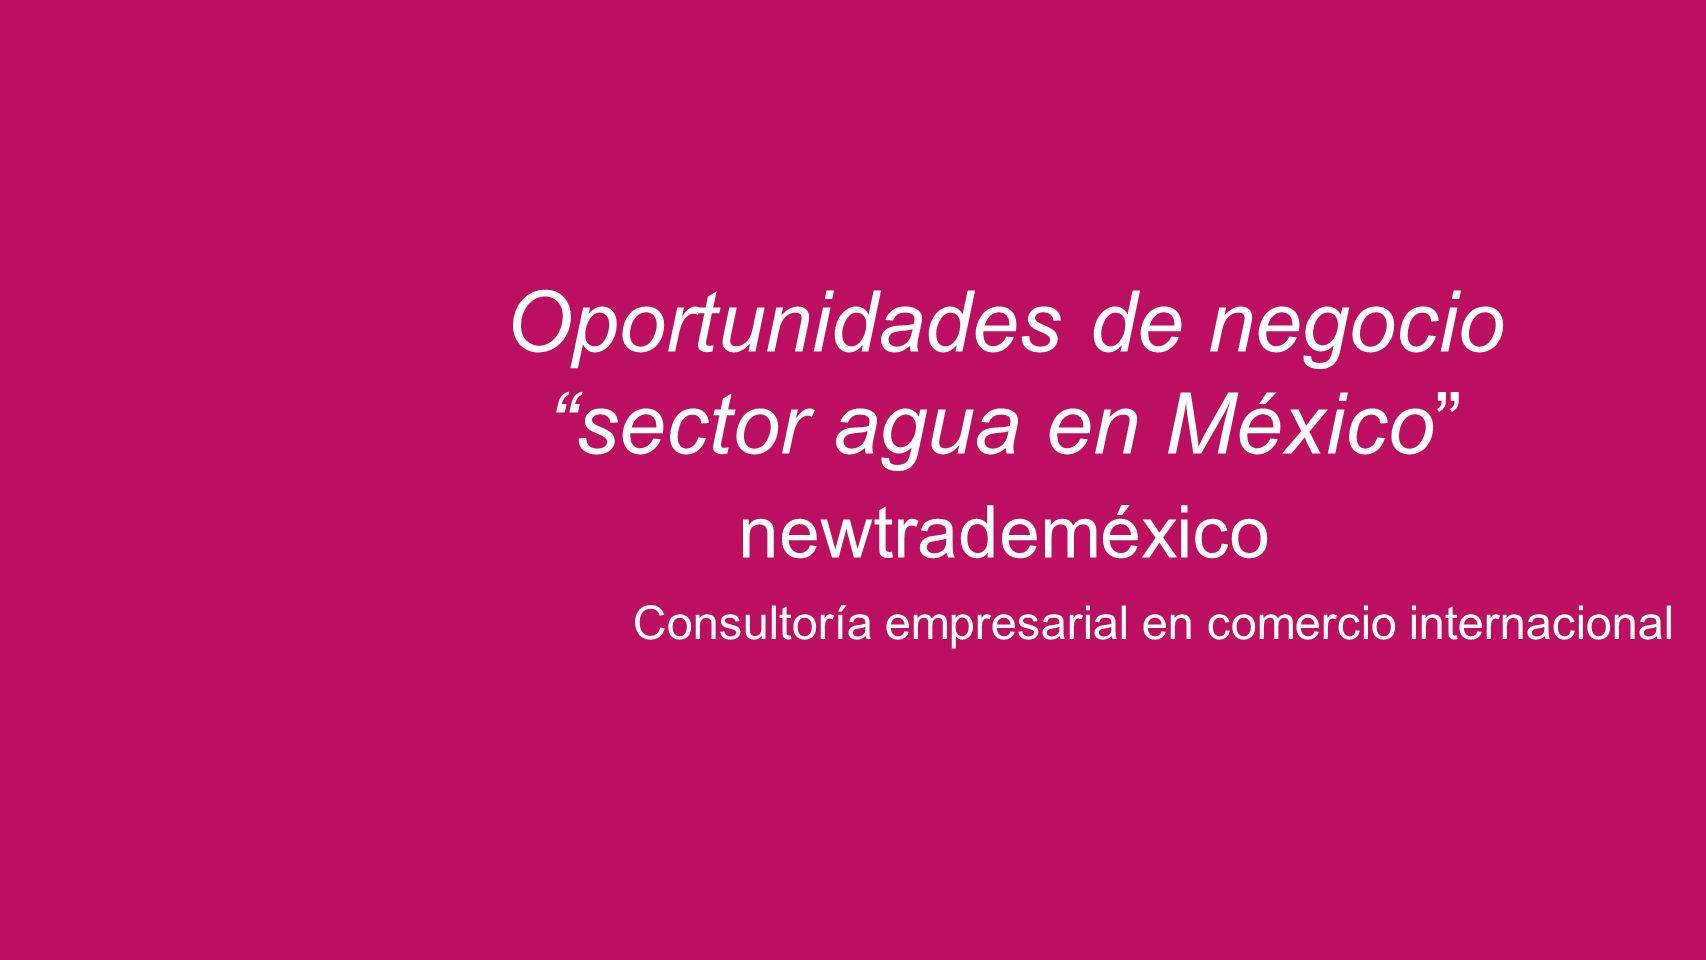 Oportunidades de negocio sector agua en México